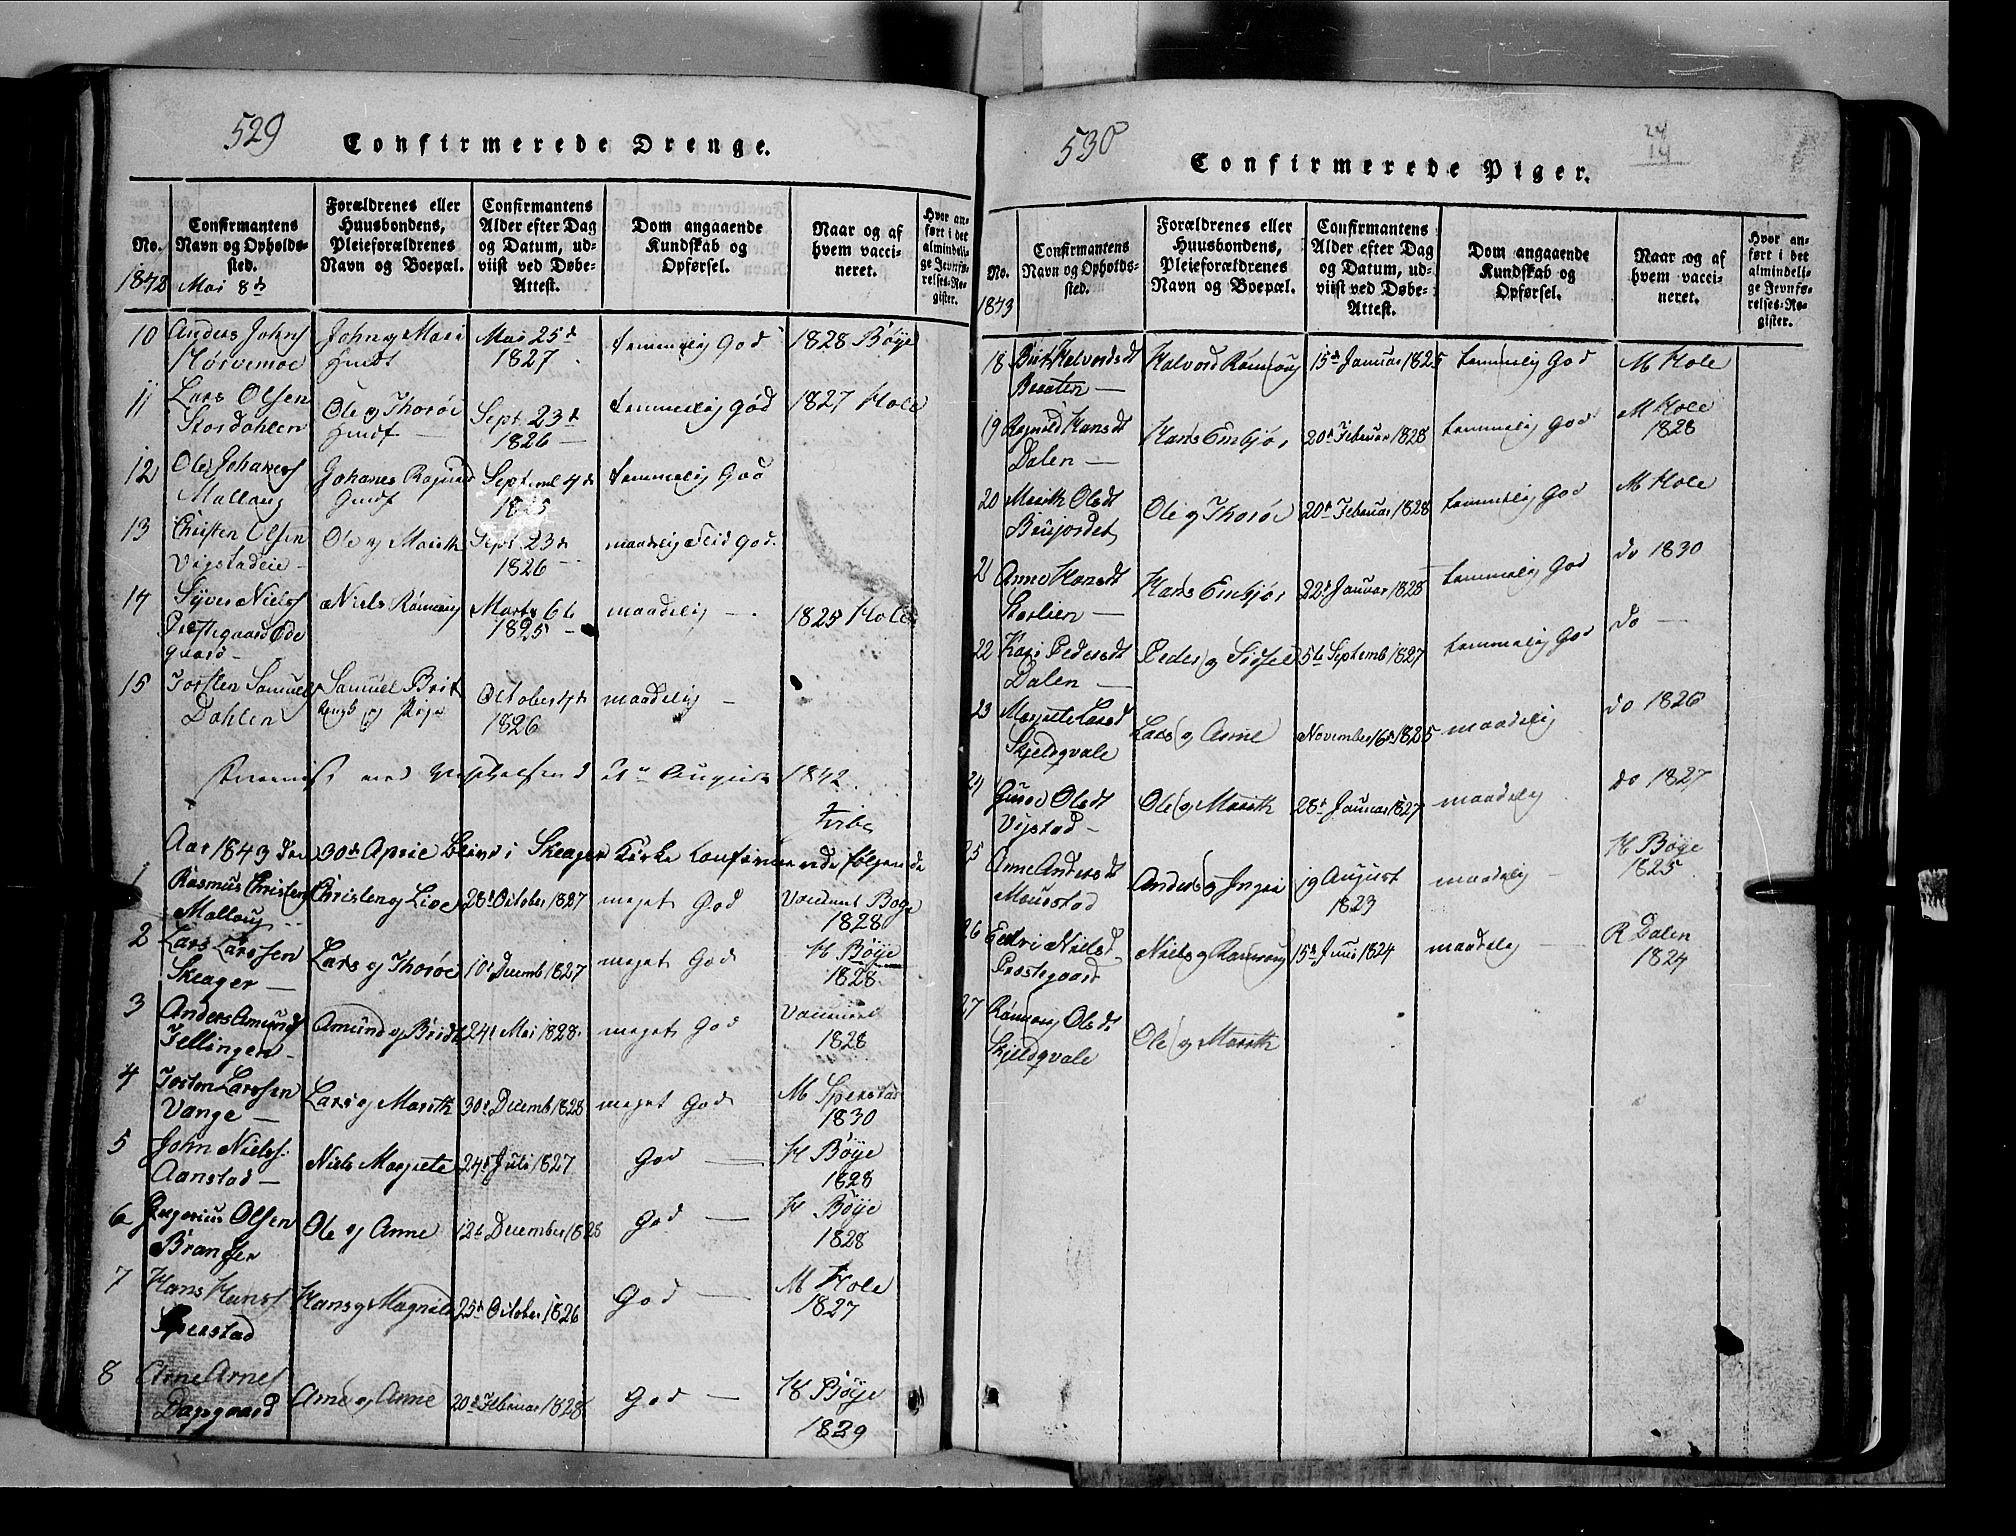 SAH, Lom prestekontor, L/L0003: Klokkerbok nr. 3, 1815-1844, s. 529-530